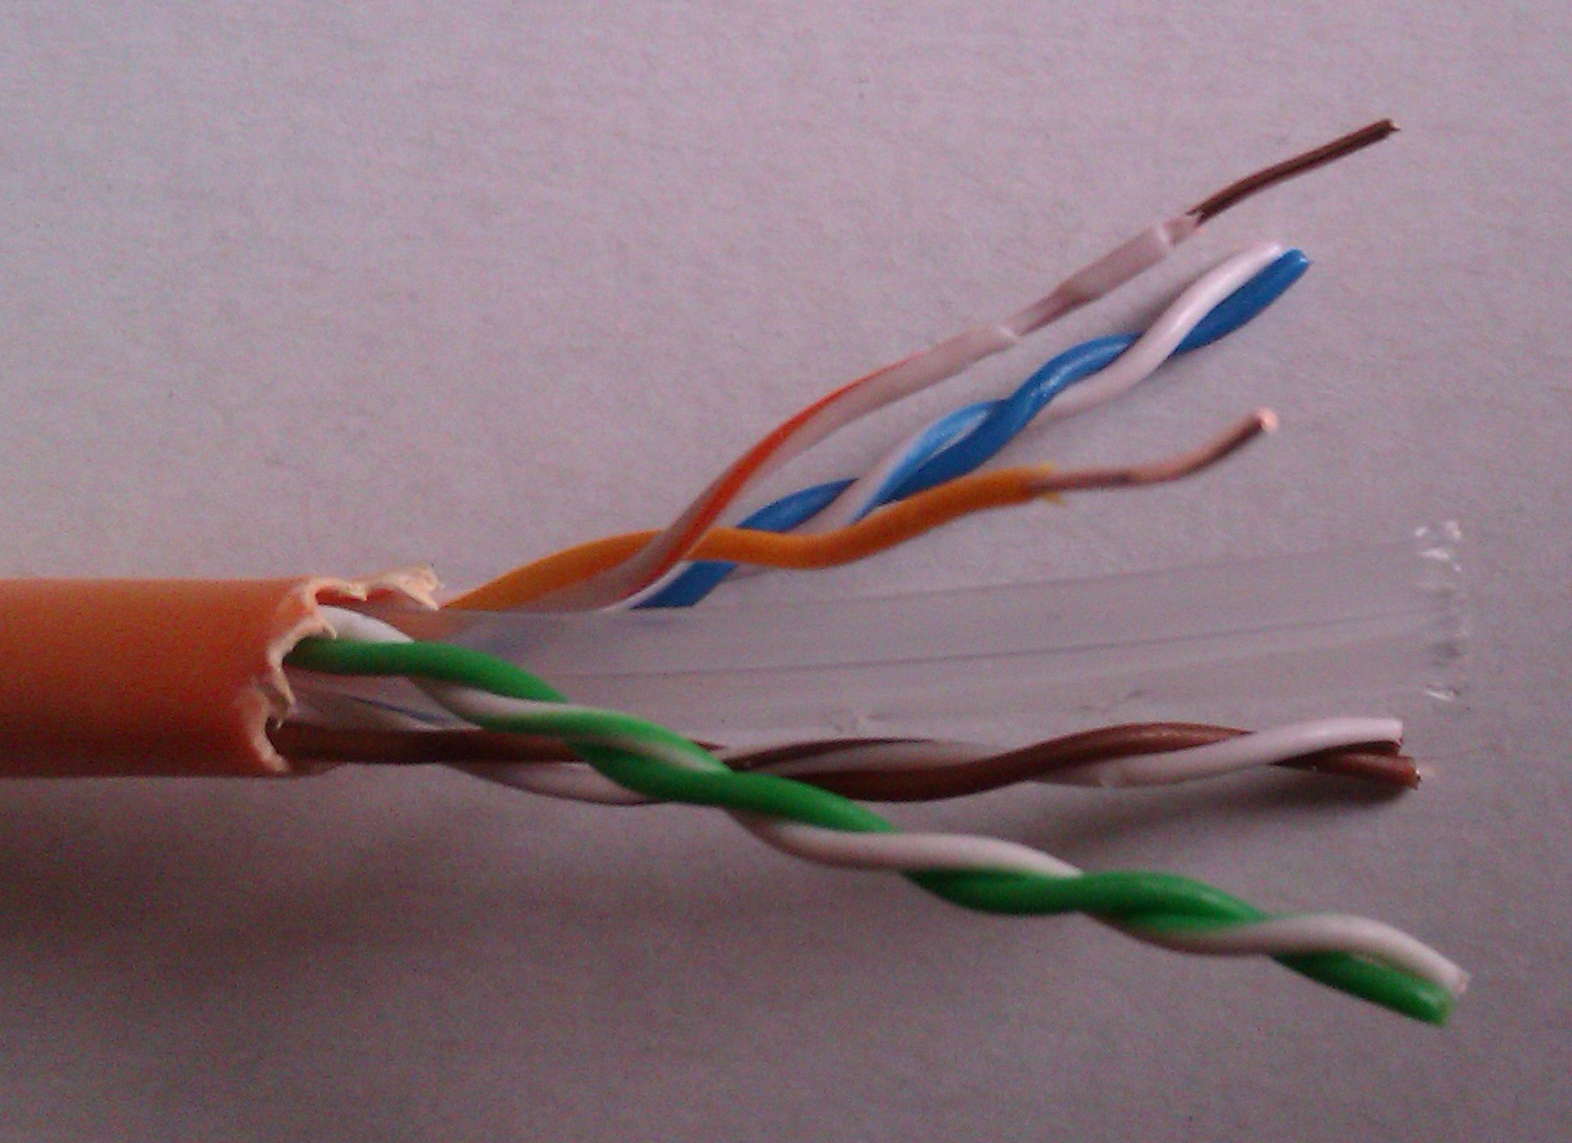 Cablaggio Cat 6 Schema : The electronics hobbyist: realizzare cavi audio da cavo di rete cat6